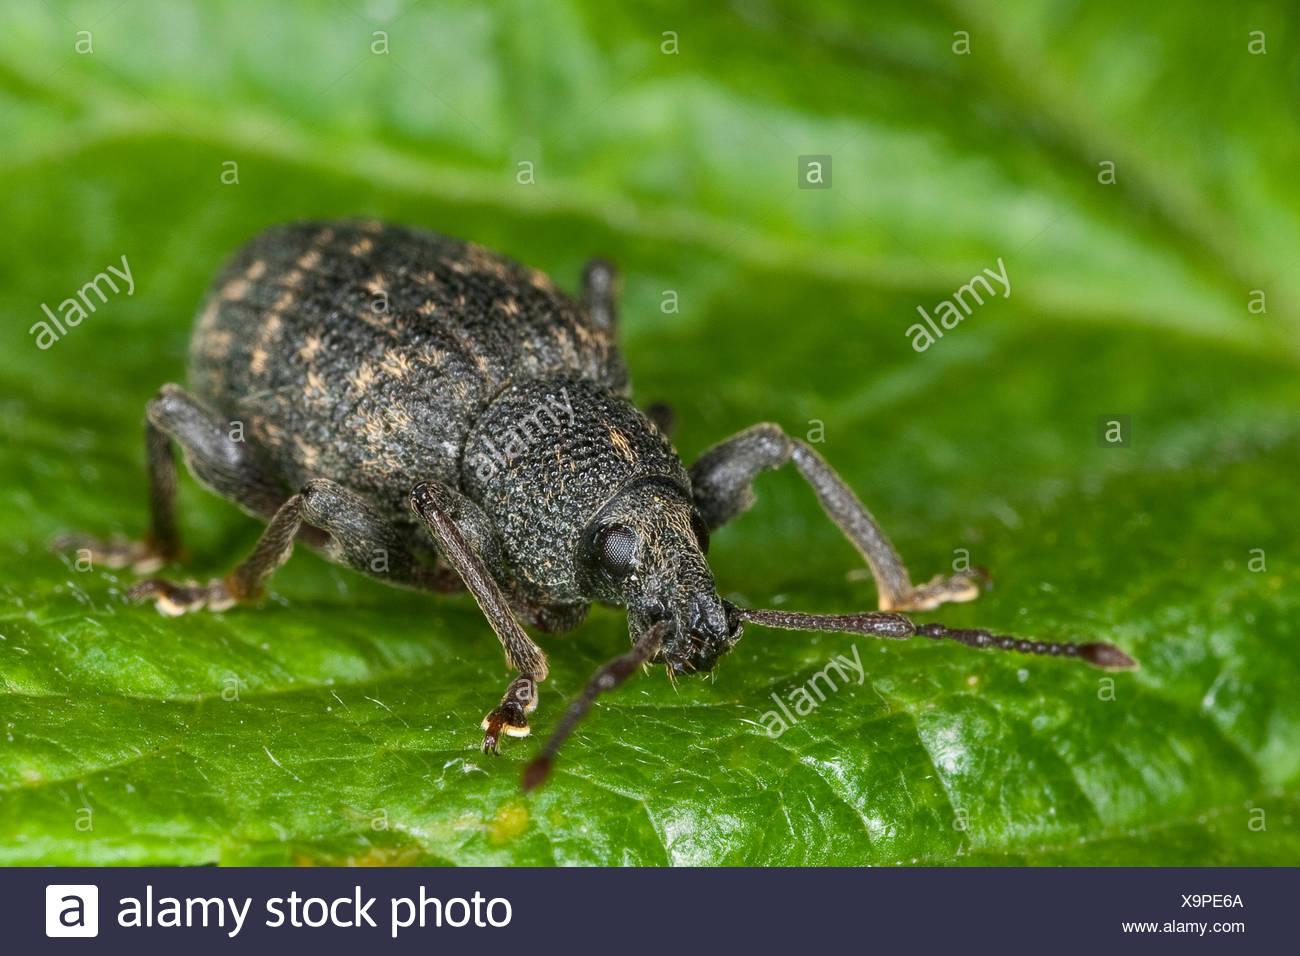 Gorgojo de cine negro, el gorgojo de la vid, el gorgojo de la vid europea (Otiorhynchus sulcatus, Brachyrhinus sulcatus), sentada sobre una hoja, Alemania Imagen De Stock